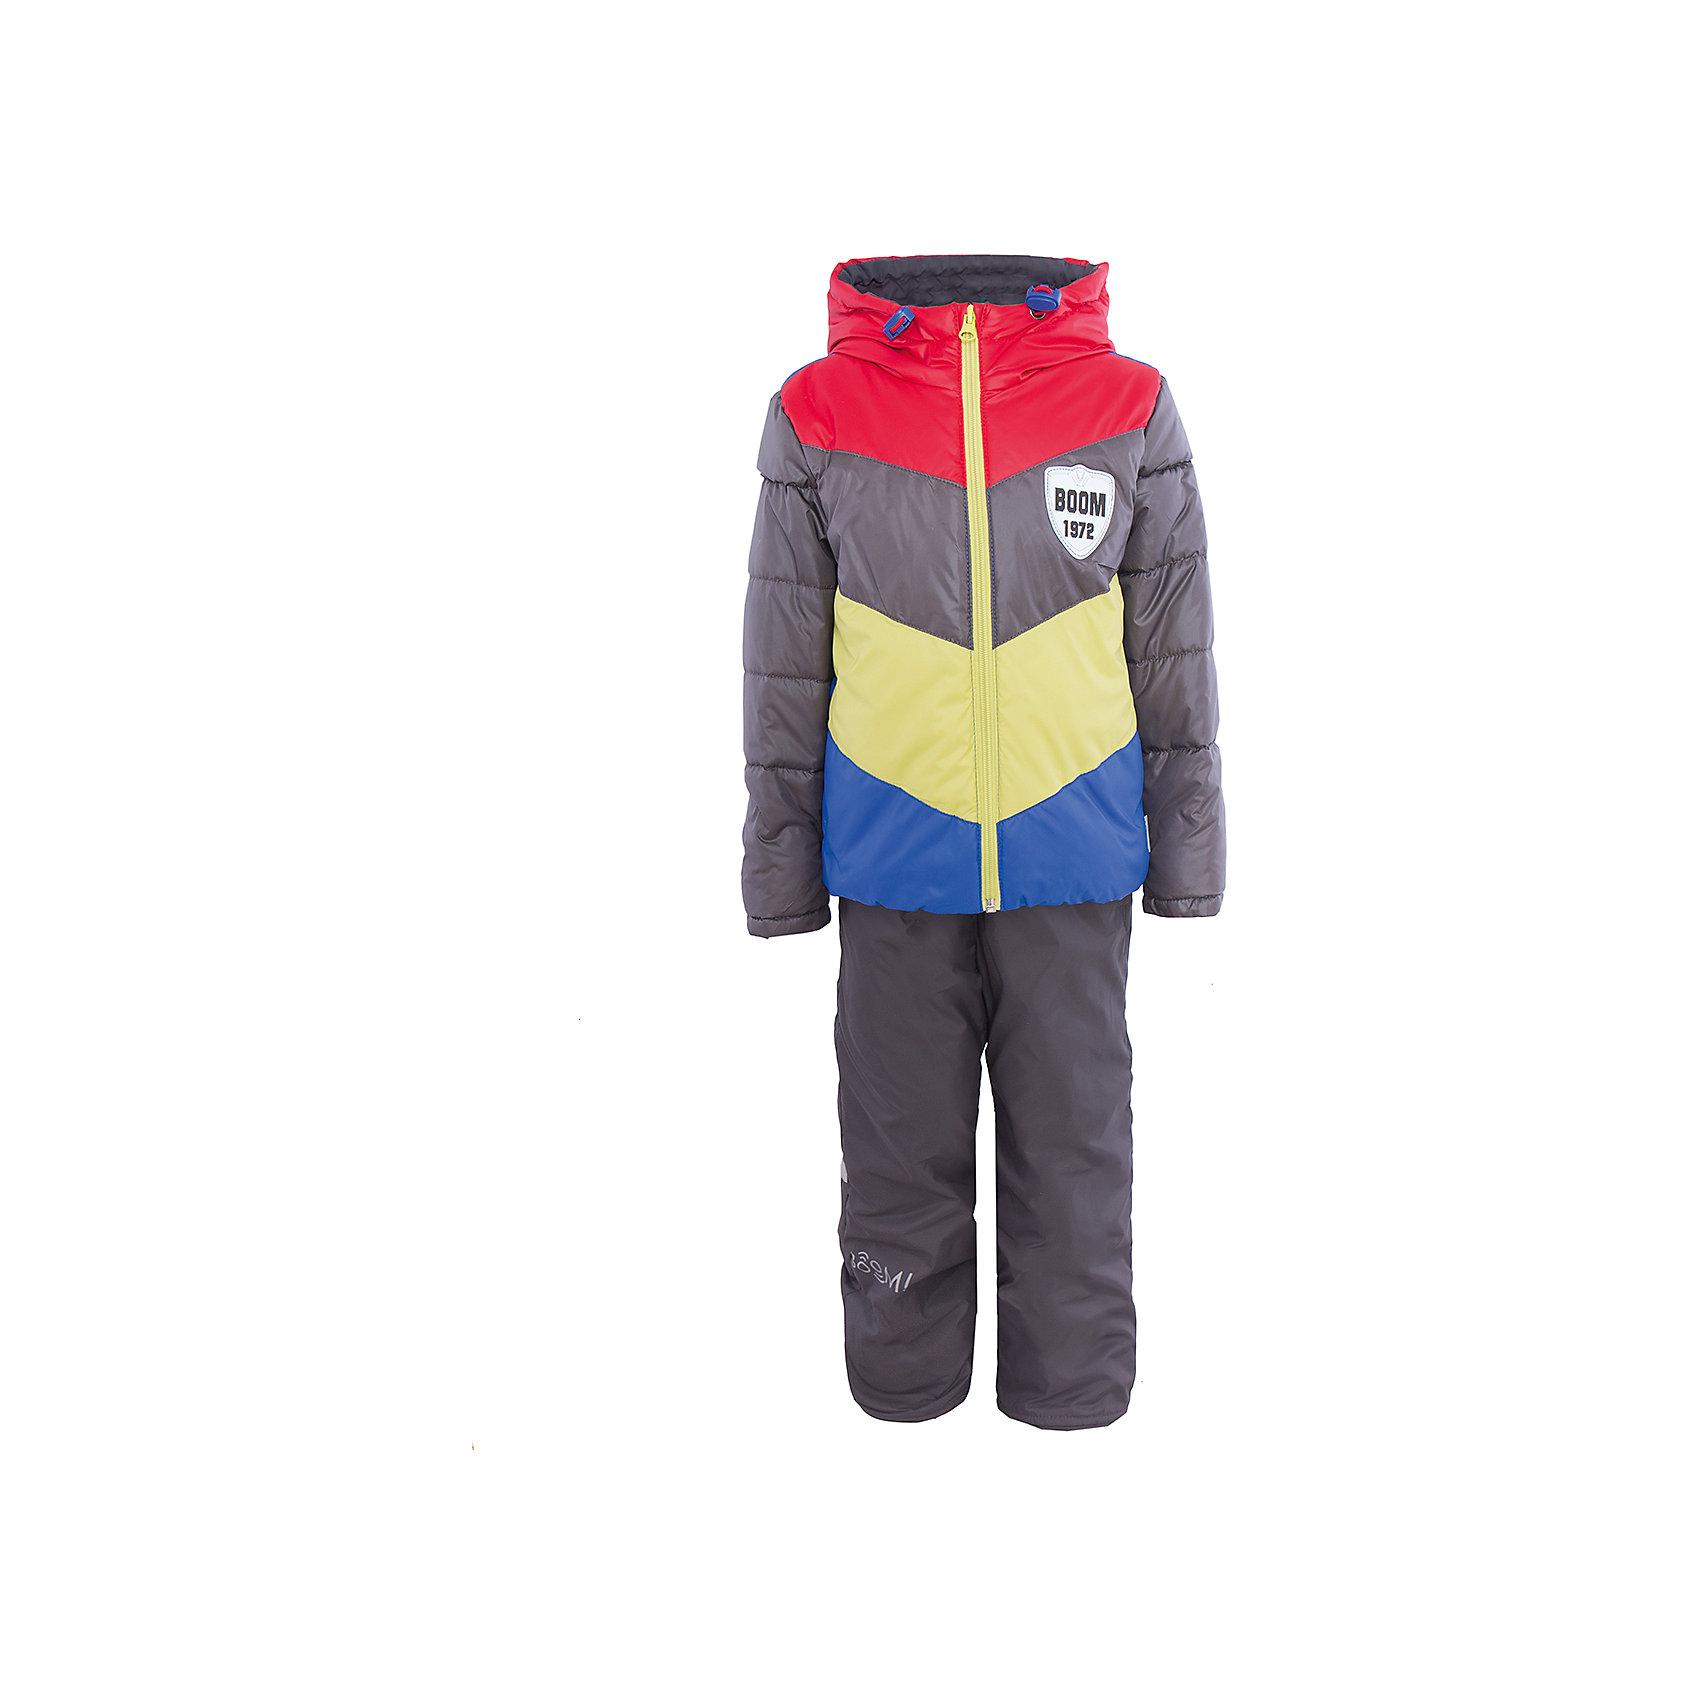 Комплект для мальчика BOOM by OrbyВерхняя одежда<br>Характеристики товара:<br><br>• цвет: серый/красный/желтый/синий<br>• состав: <br>курточка: верх - болонь, подкладка - поликоттон, полиэстер, утеплитель: эко-синтепон 150 г/м2<br>брюки: верх - таффета, подкладка - флис<br>• комплектация: куртка, брюки<br>• температурный режим: от -5 С° до +10 С° <br>• из непромокаемой ткани, с водо и грязеотталкивающими пропитками<br>• капюшон с утяжкой, не отстёгивается<br>• застежка - молния<br>• куртка декорирована нашивкой<br>• отвороты помогают заметно трансформировать размер<br>• комфортная посадка<br>• страна производства: Российская Федерация<br>• страна бренда: Российская Федерация<br>• коллекция: весна-лето 2017<br><br>Такой комплект - универсальный вариант для межсезонья с постоянно меняющейся погодой. Эта модель - модная и удобная одновременно! Изделие отличается стильным ярким дизайном. Куртка и брюки хорошо сидят по фигуре, отлично сочетается с различной обувью. Модель была разработана специально для детей.<br><br>Одежда от российского бренда BOOM by Orby уже завоевала популярностью у многих детей и их родителей. Вещи, выпускаемые компанией, качественные, продуманные и очень удобные. Для производства коллекций используются только безопасные для детей материалы. Спешите приобрести модели из новой коллекции Весна-лето 2017! <br><br>Комплект для мальчика от бренда BOOM by Orby можно купить в нашем интернет-магазине.<br><br>Ширина мм: 356<br>Глубина мм: 10<br>Высота мм: 245<br>Вес г: 519<br>Цвет: красный<br>Возраст от месяцев: 12<br>Возраст до месяцев: 18<br>Пол: Мужской<br>Возраст: Детский<br>Размер: 86,122,104,92,98,110,116<br>SKU: 5343997